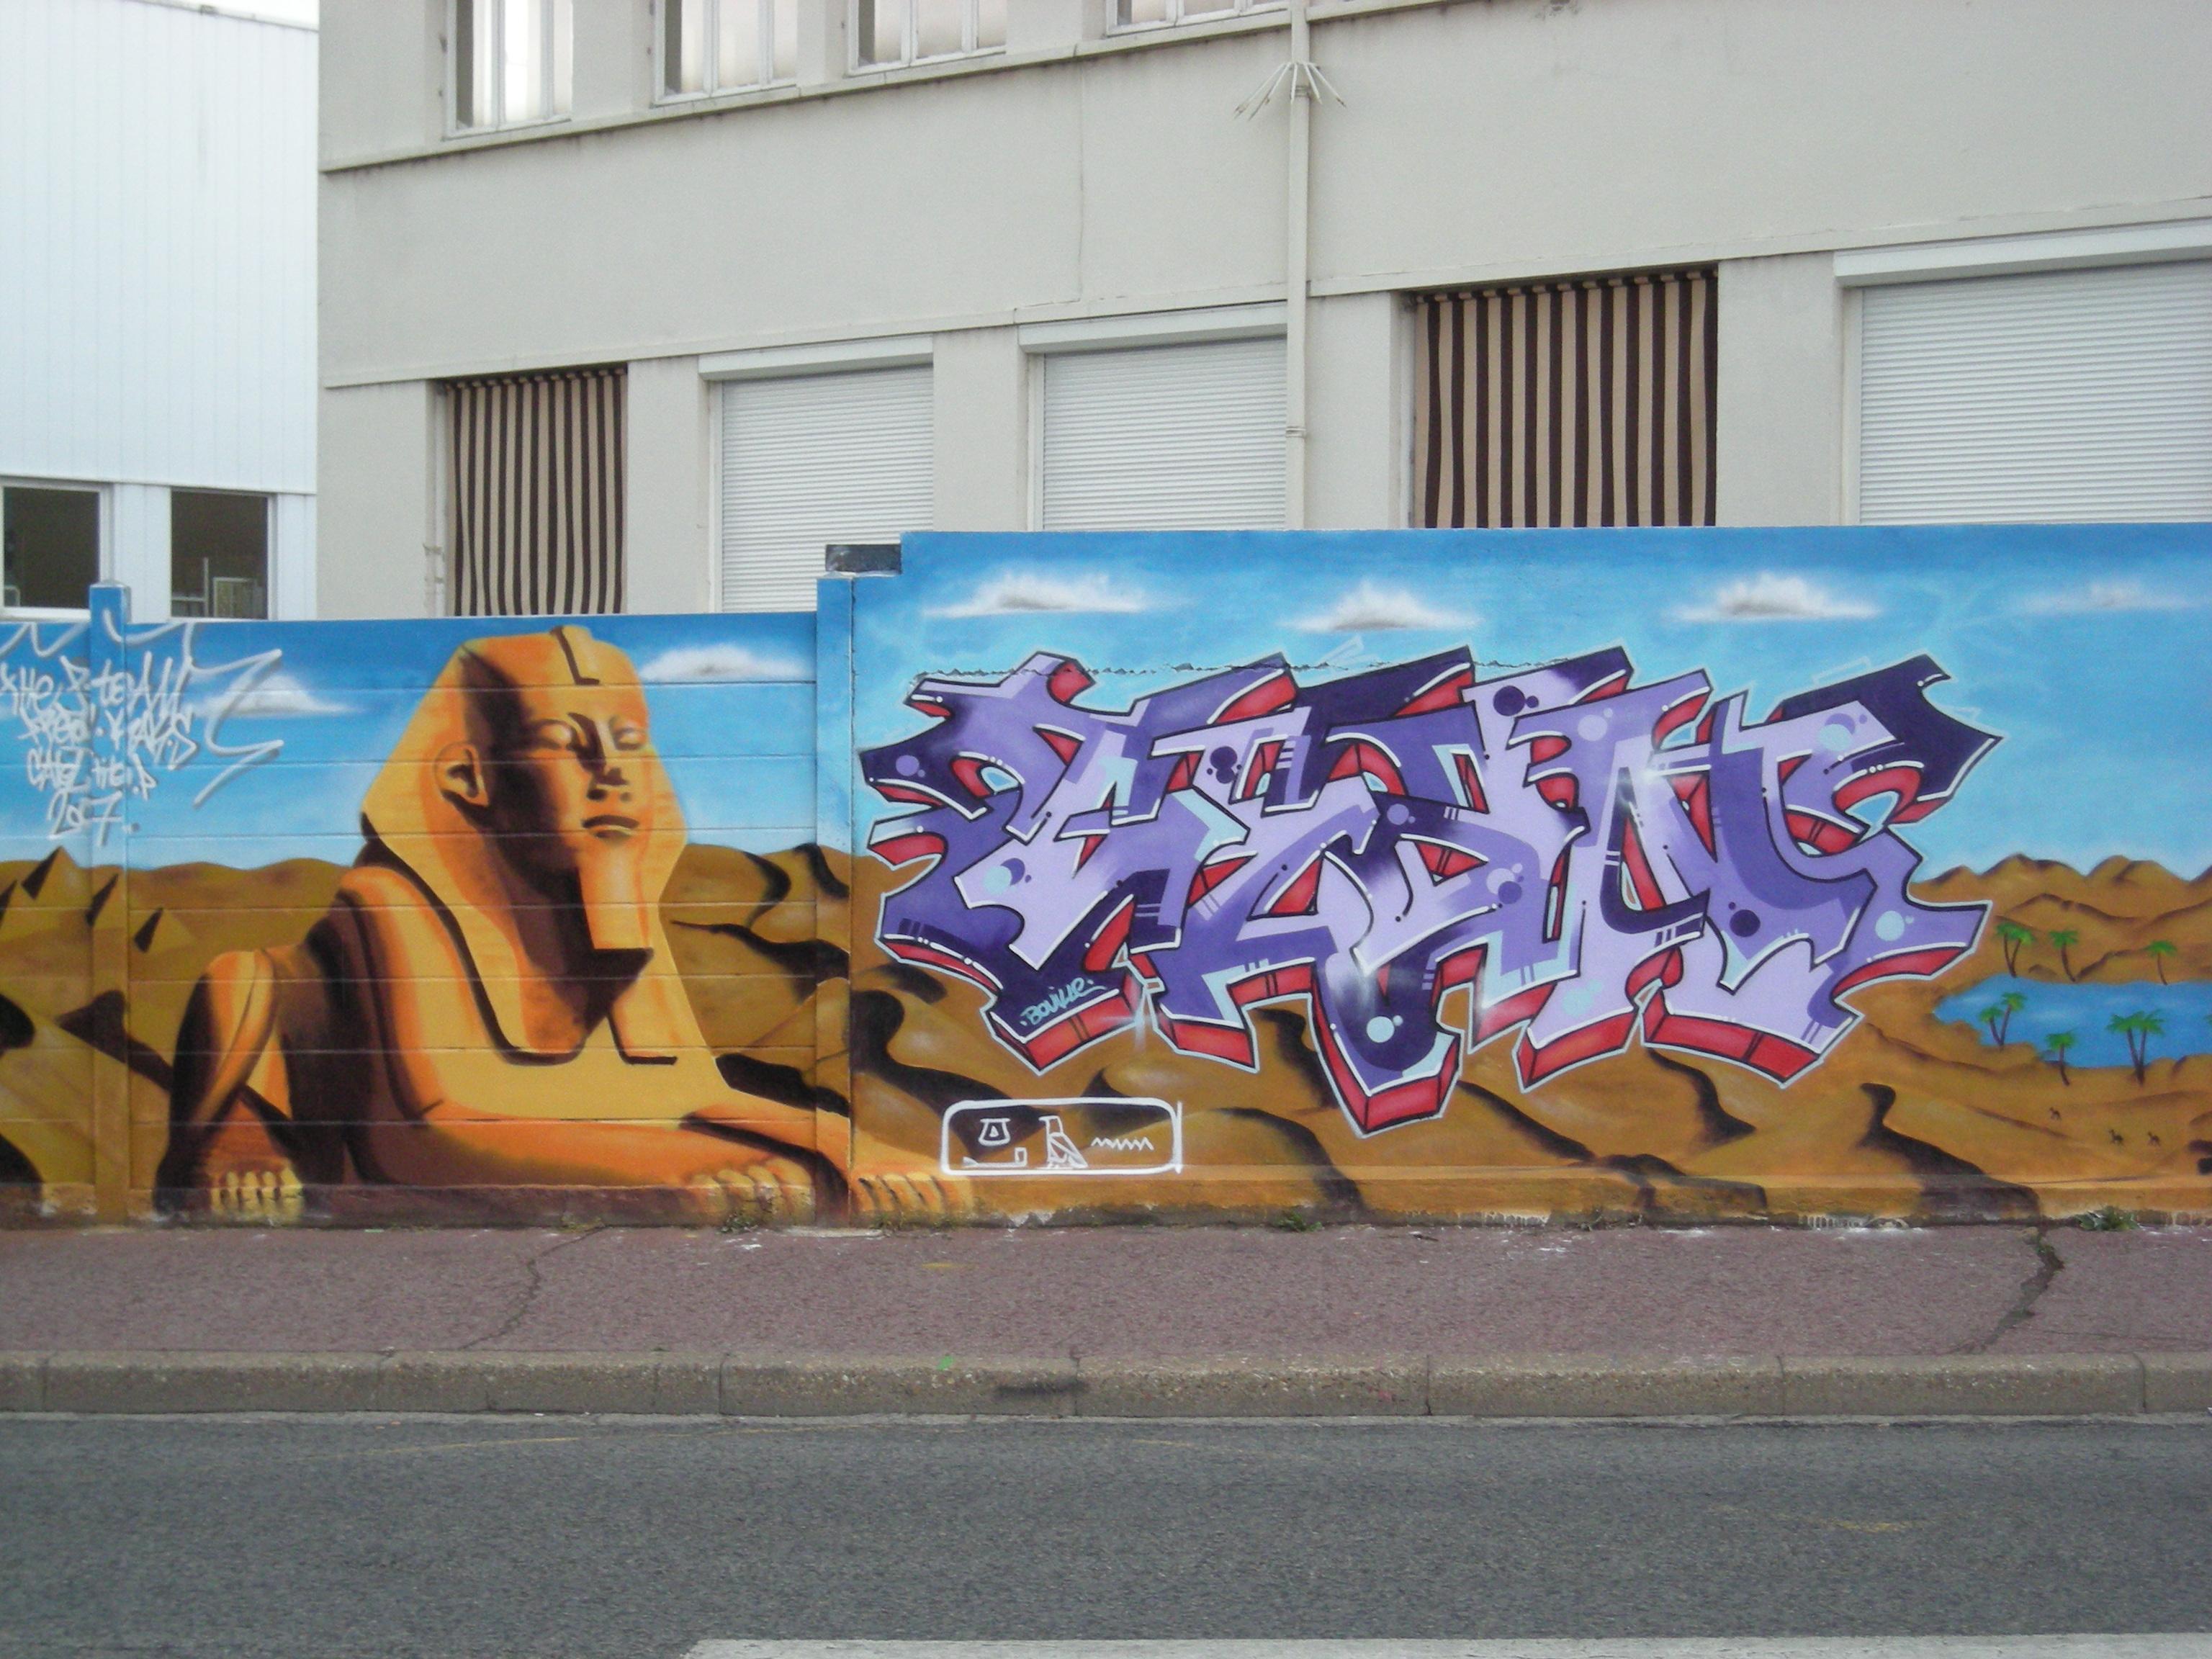 Graffiti pour les collectivit s - Cabinet dentaire le mans ...